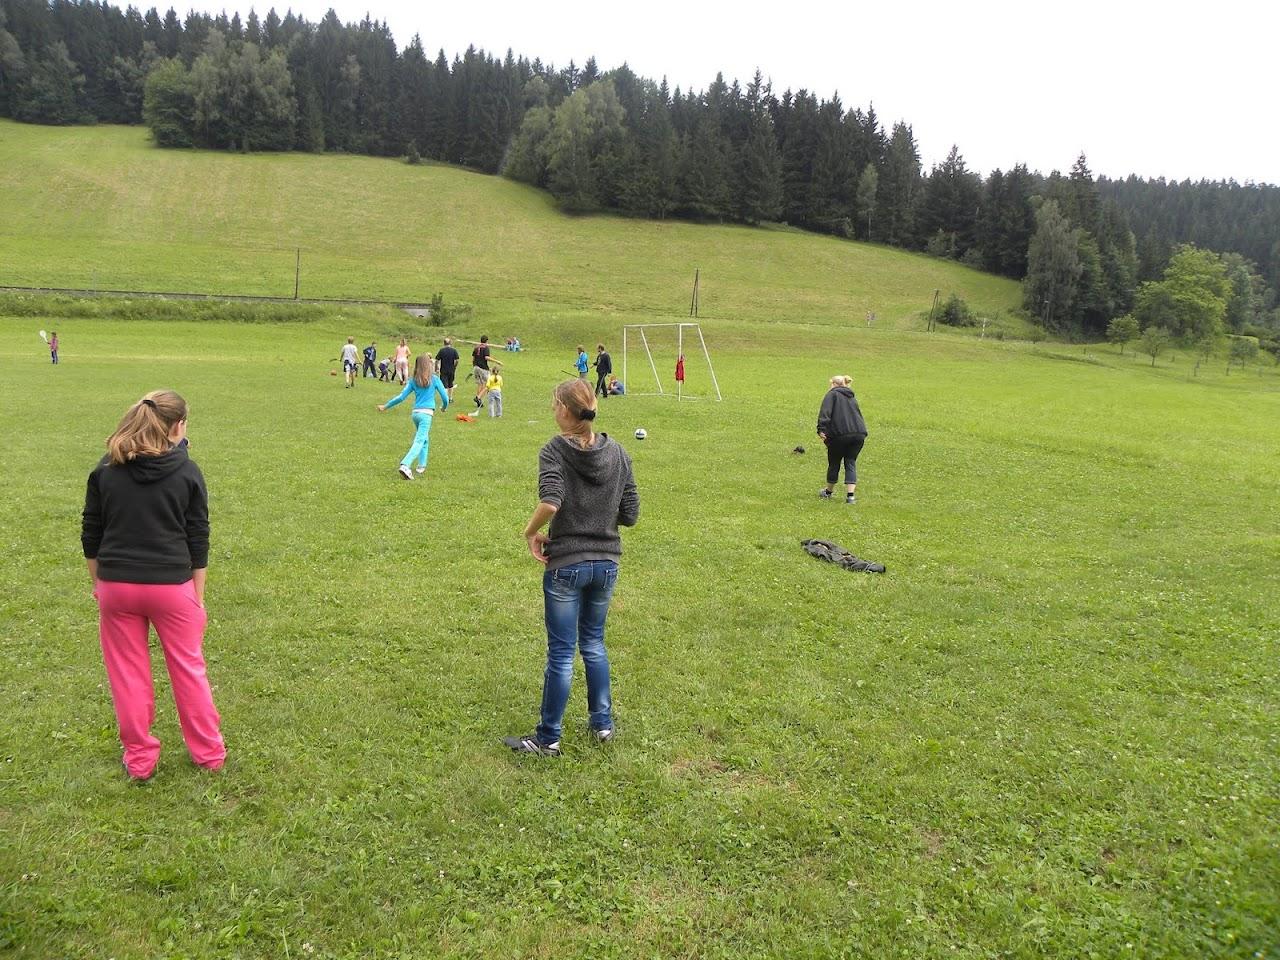 Tábor - Veľké Karlovice - fotka 540.JPG